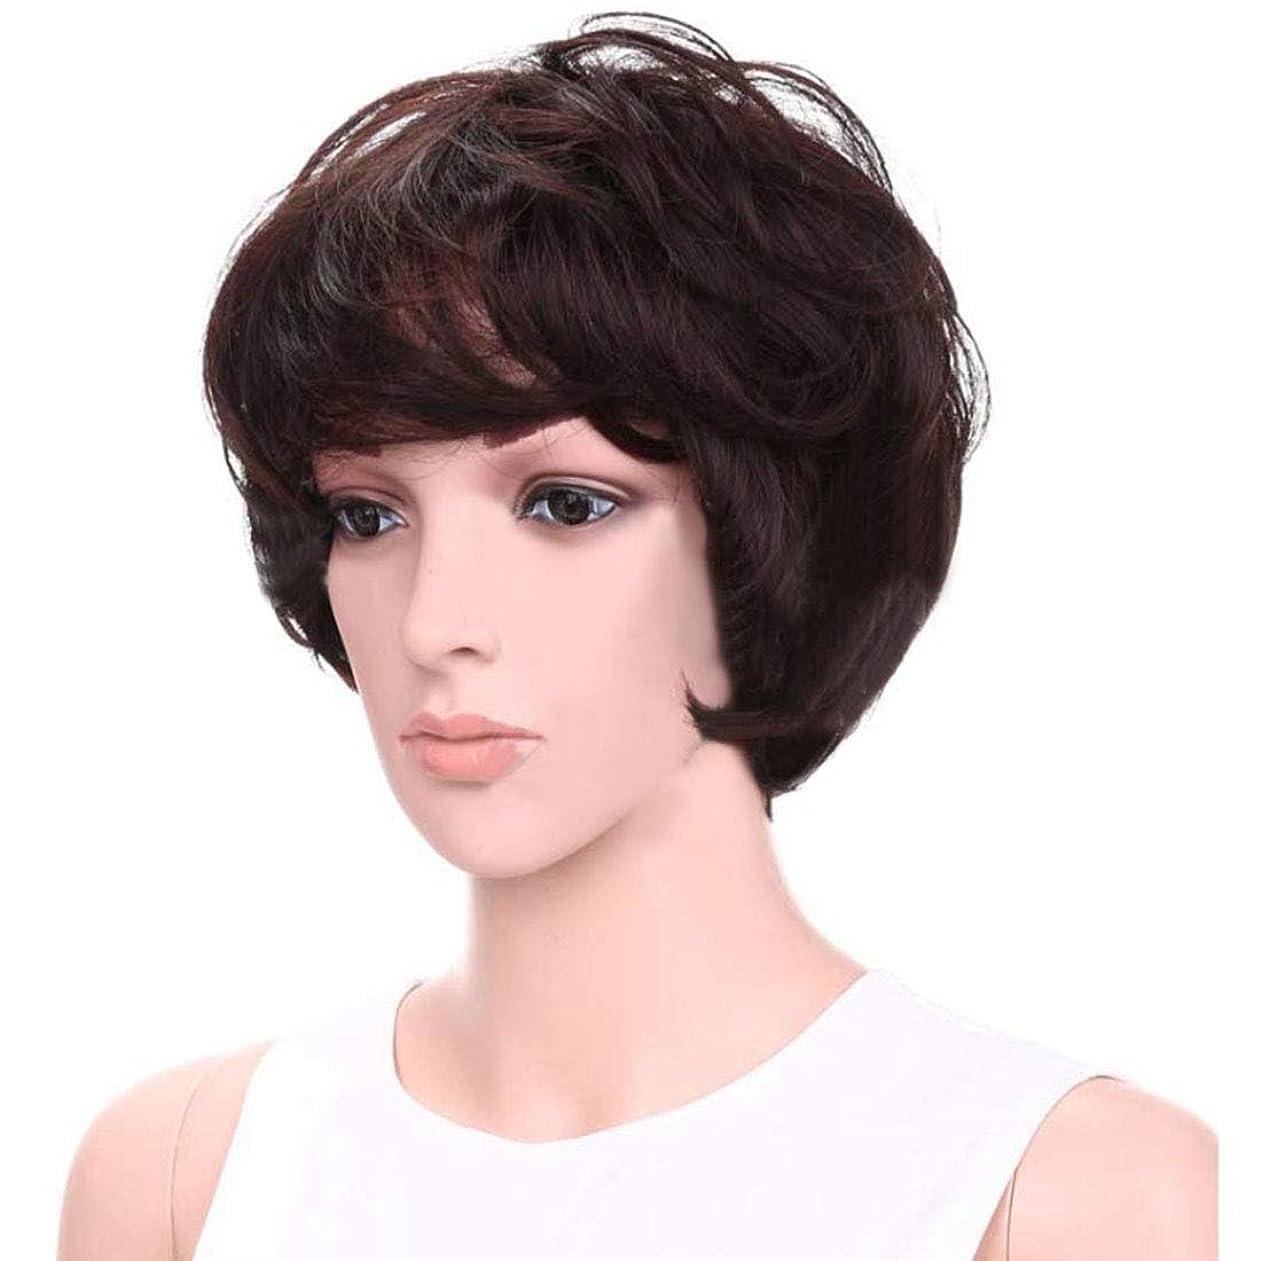 理想的にはつかいます恐れるBOBIDYEE 人格ウィッグ女性用ショートヘアふわふわウィッグエアフラット前髪髪耐熱ウィッグ8インチ(ダークブラウン)ファッションウィッグ (色 : Dark brown)